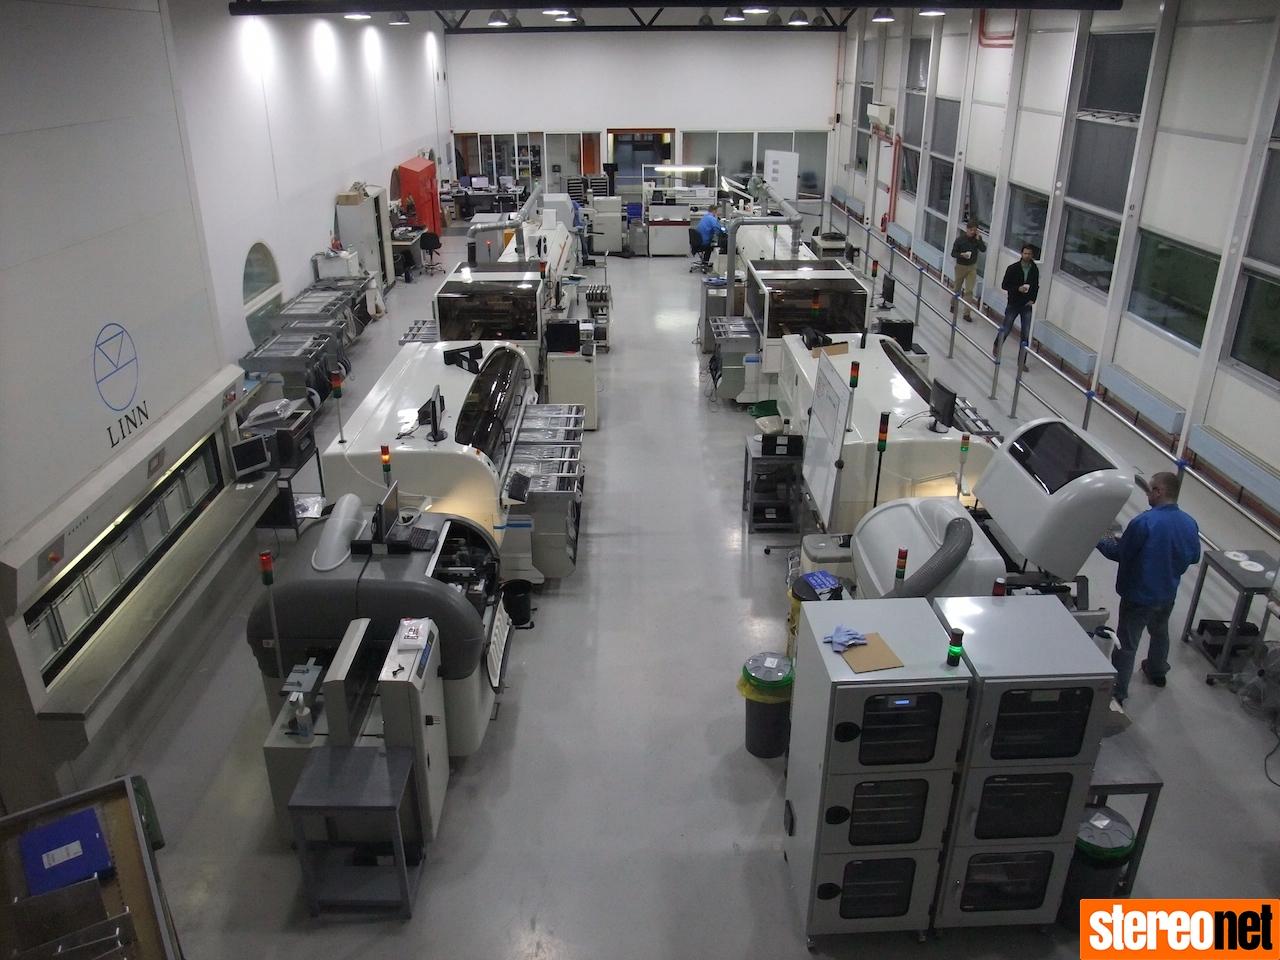 Linn factory